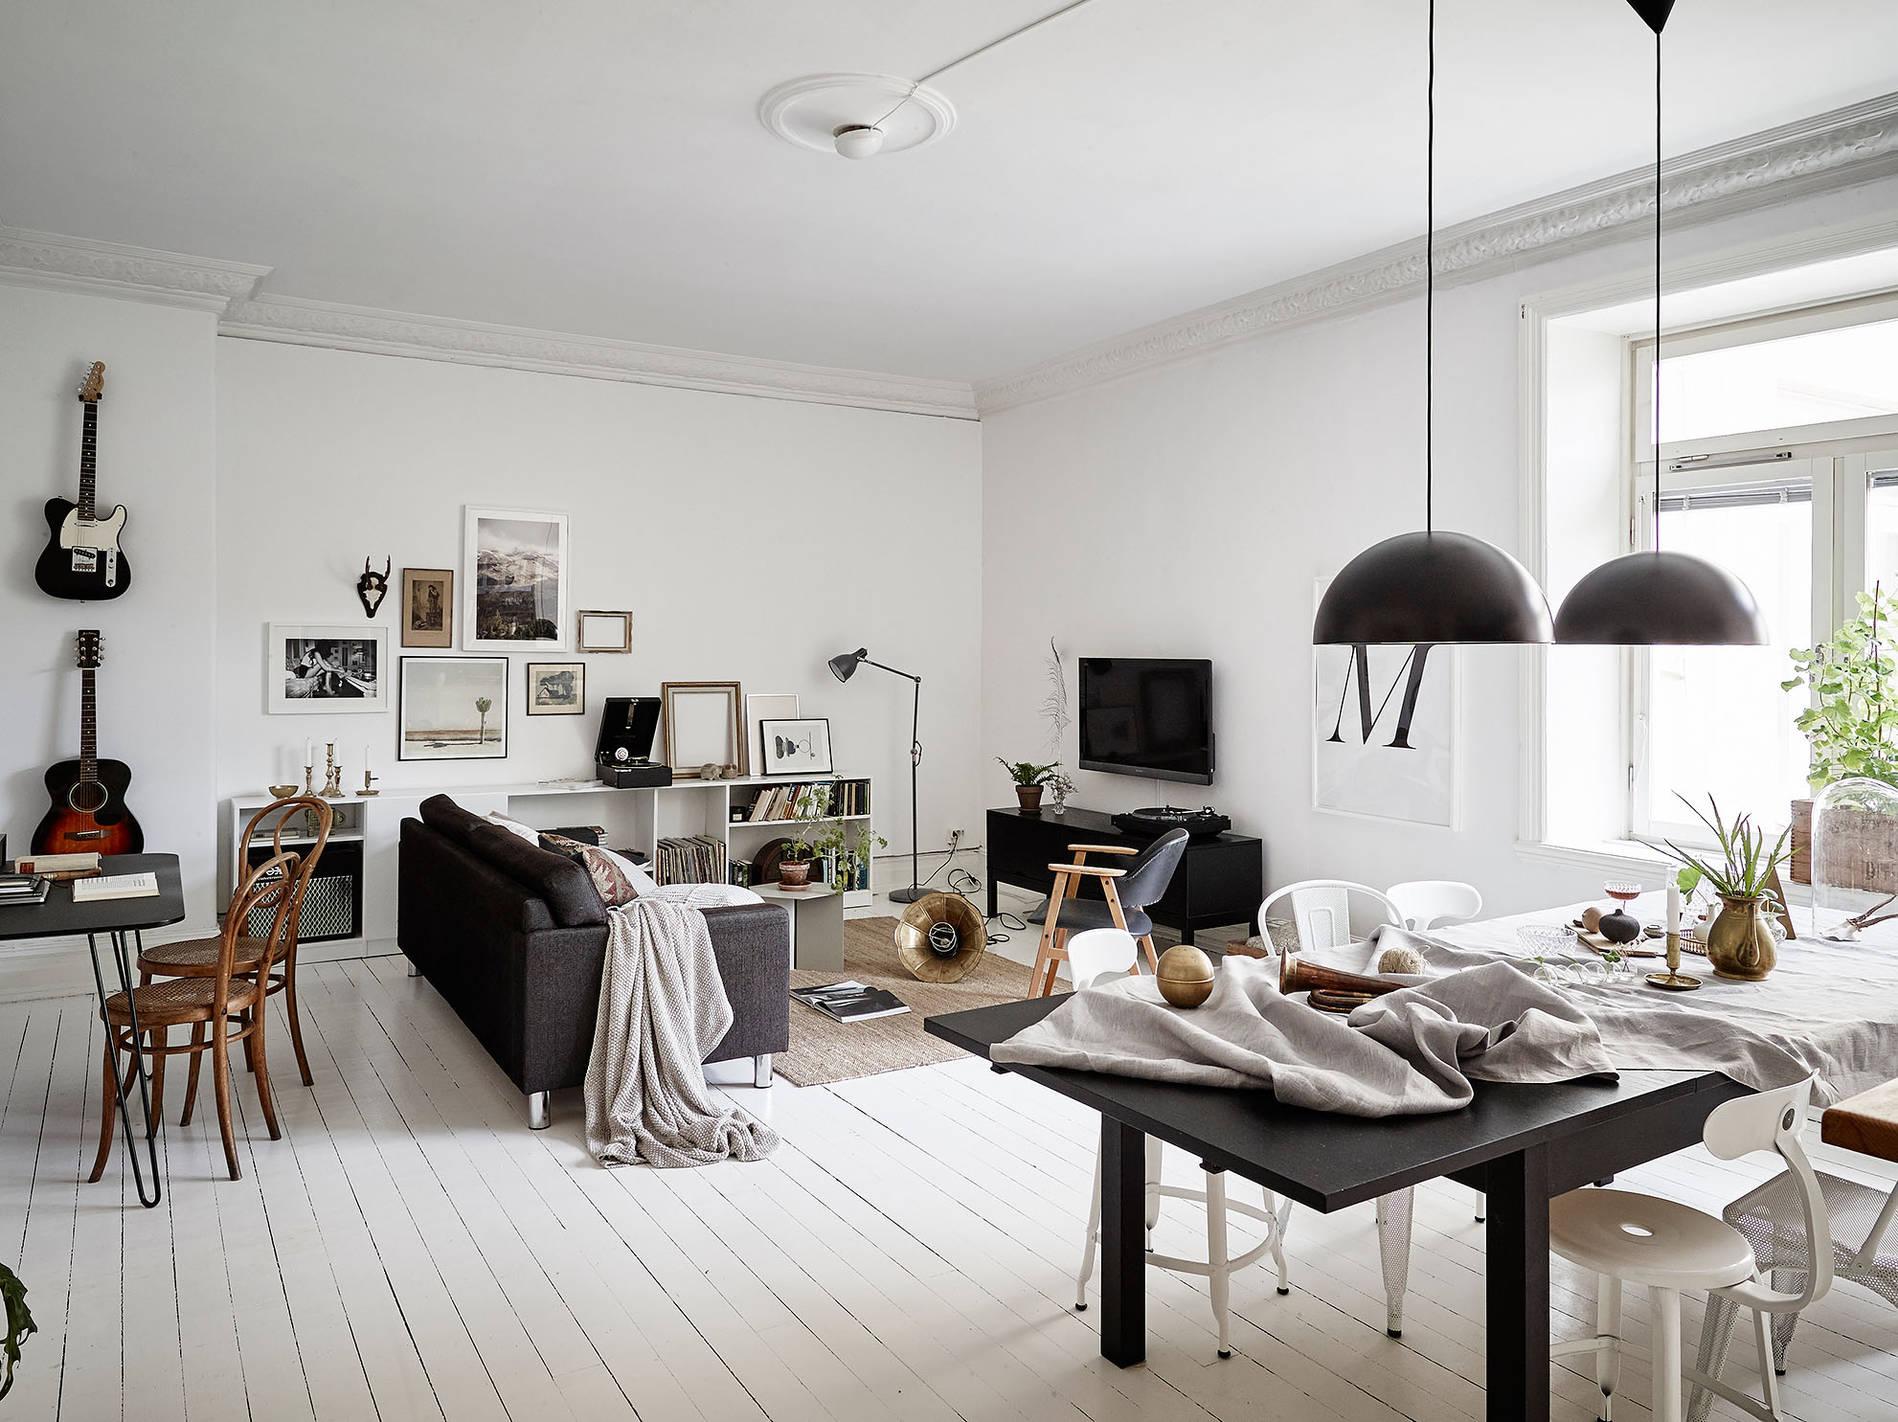 Scandinavische Vintage Woonkamer : Scandinavische woonkamer met kleurencontrast huis inrichten.com